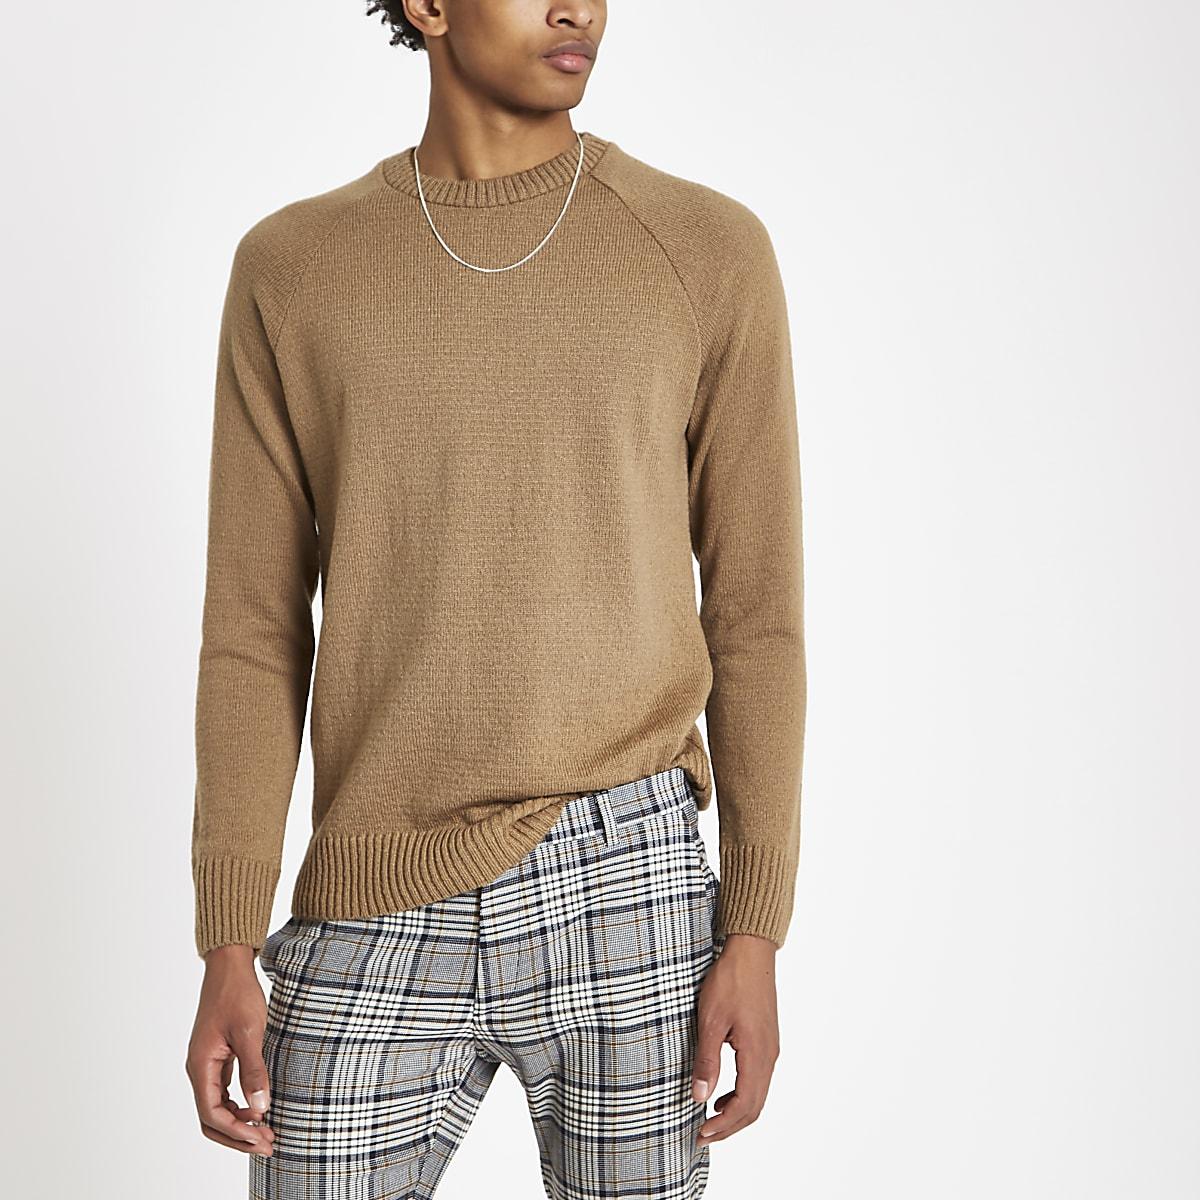 Tan slim fit soft knit jumper